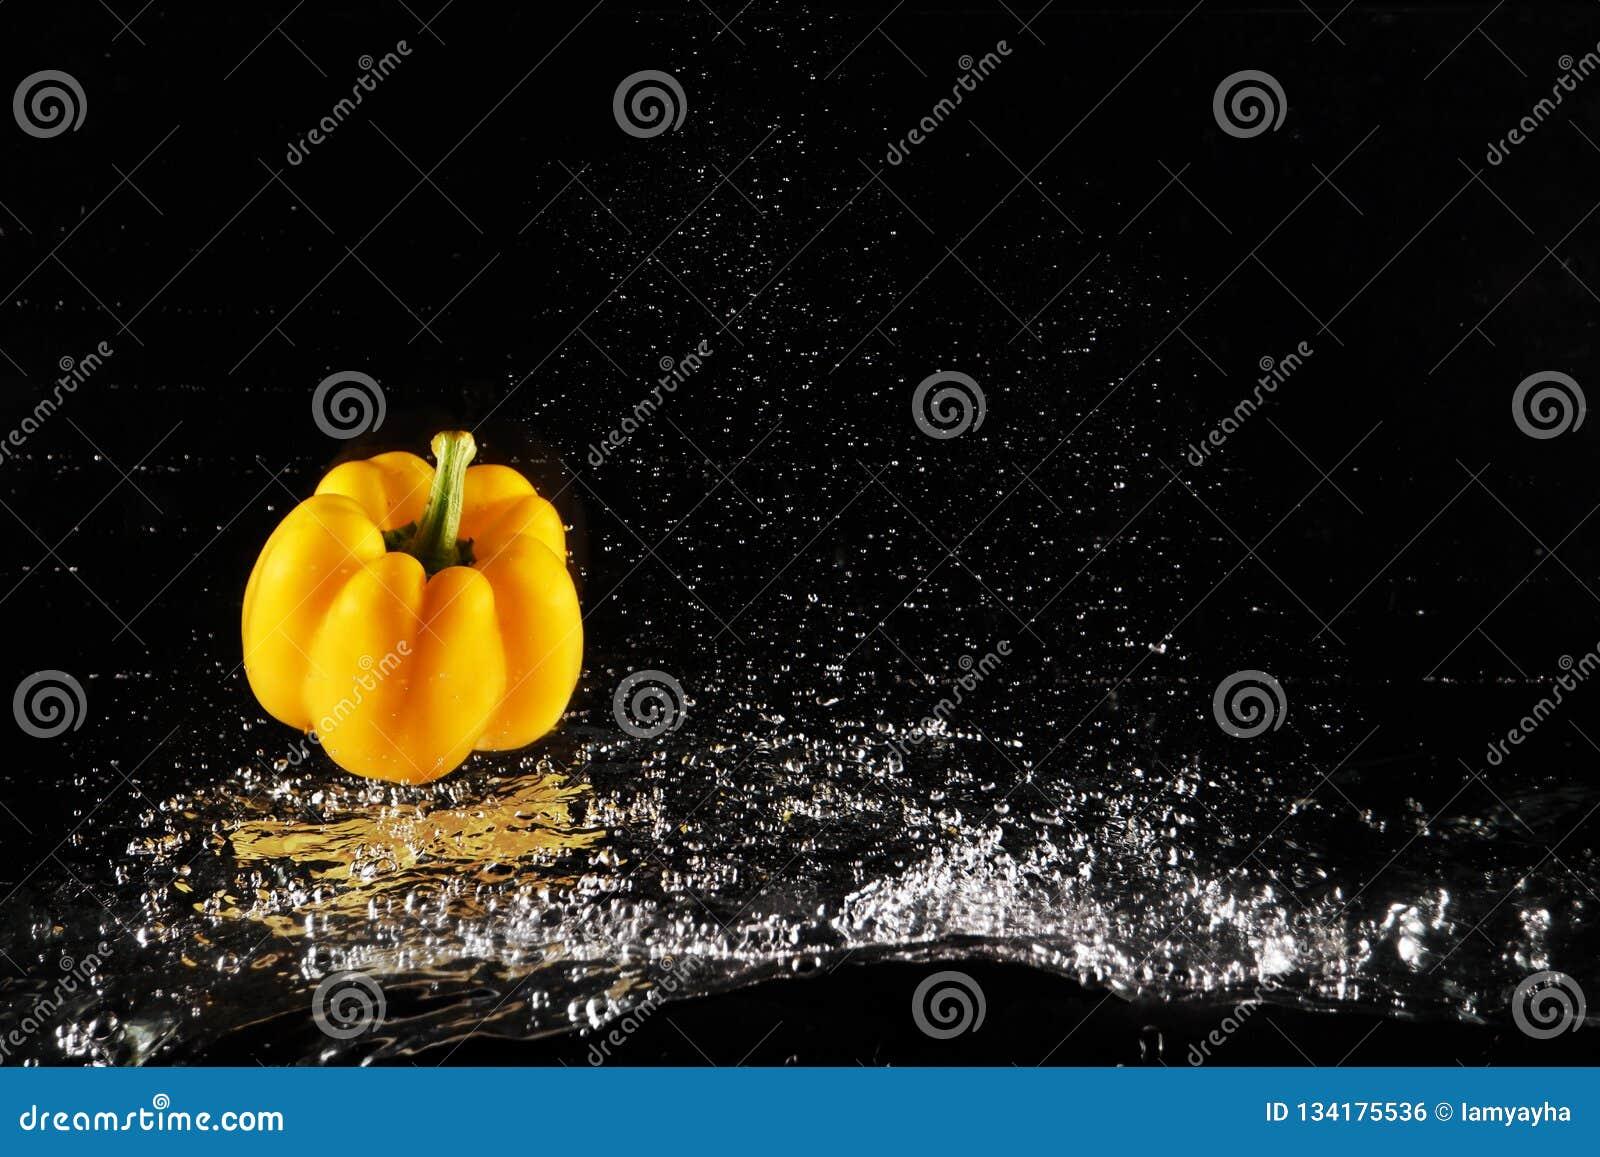 Verse Gele Groene paprika met Waterplons en Geïsoleerde Bel De ruimte van het exemplaar Sappige Gele Paprika Dropped in Water op